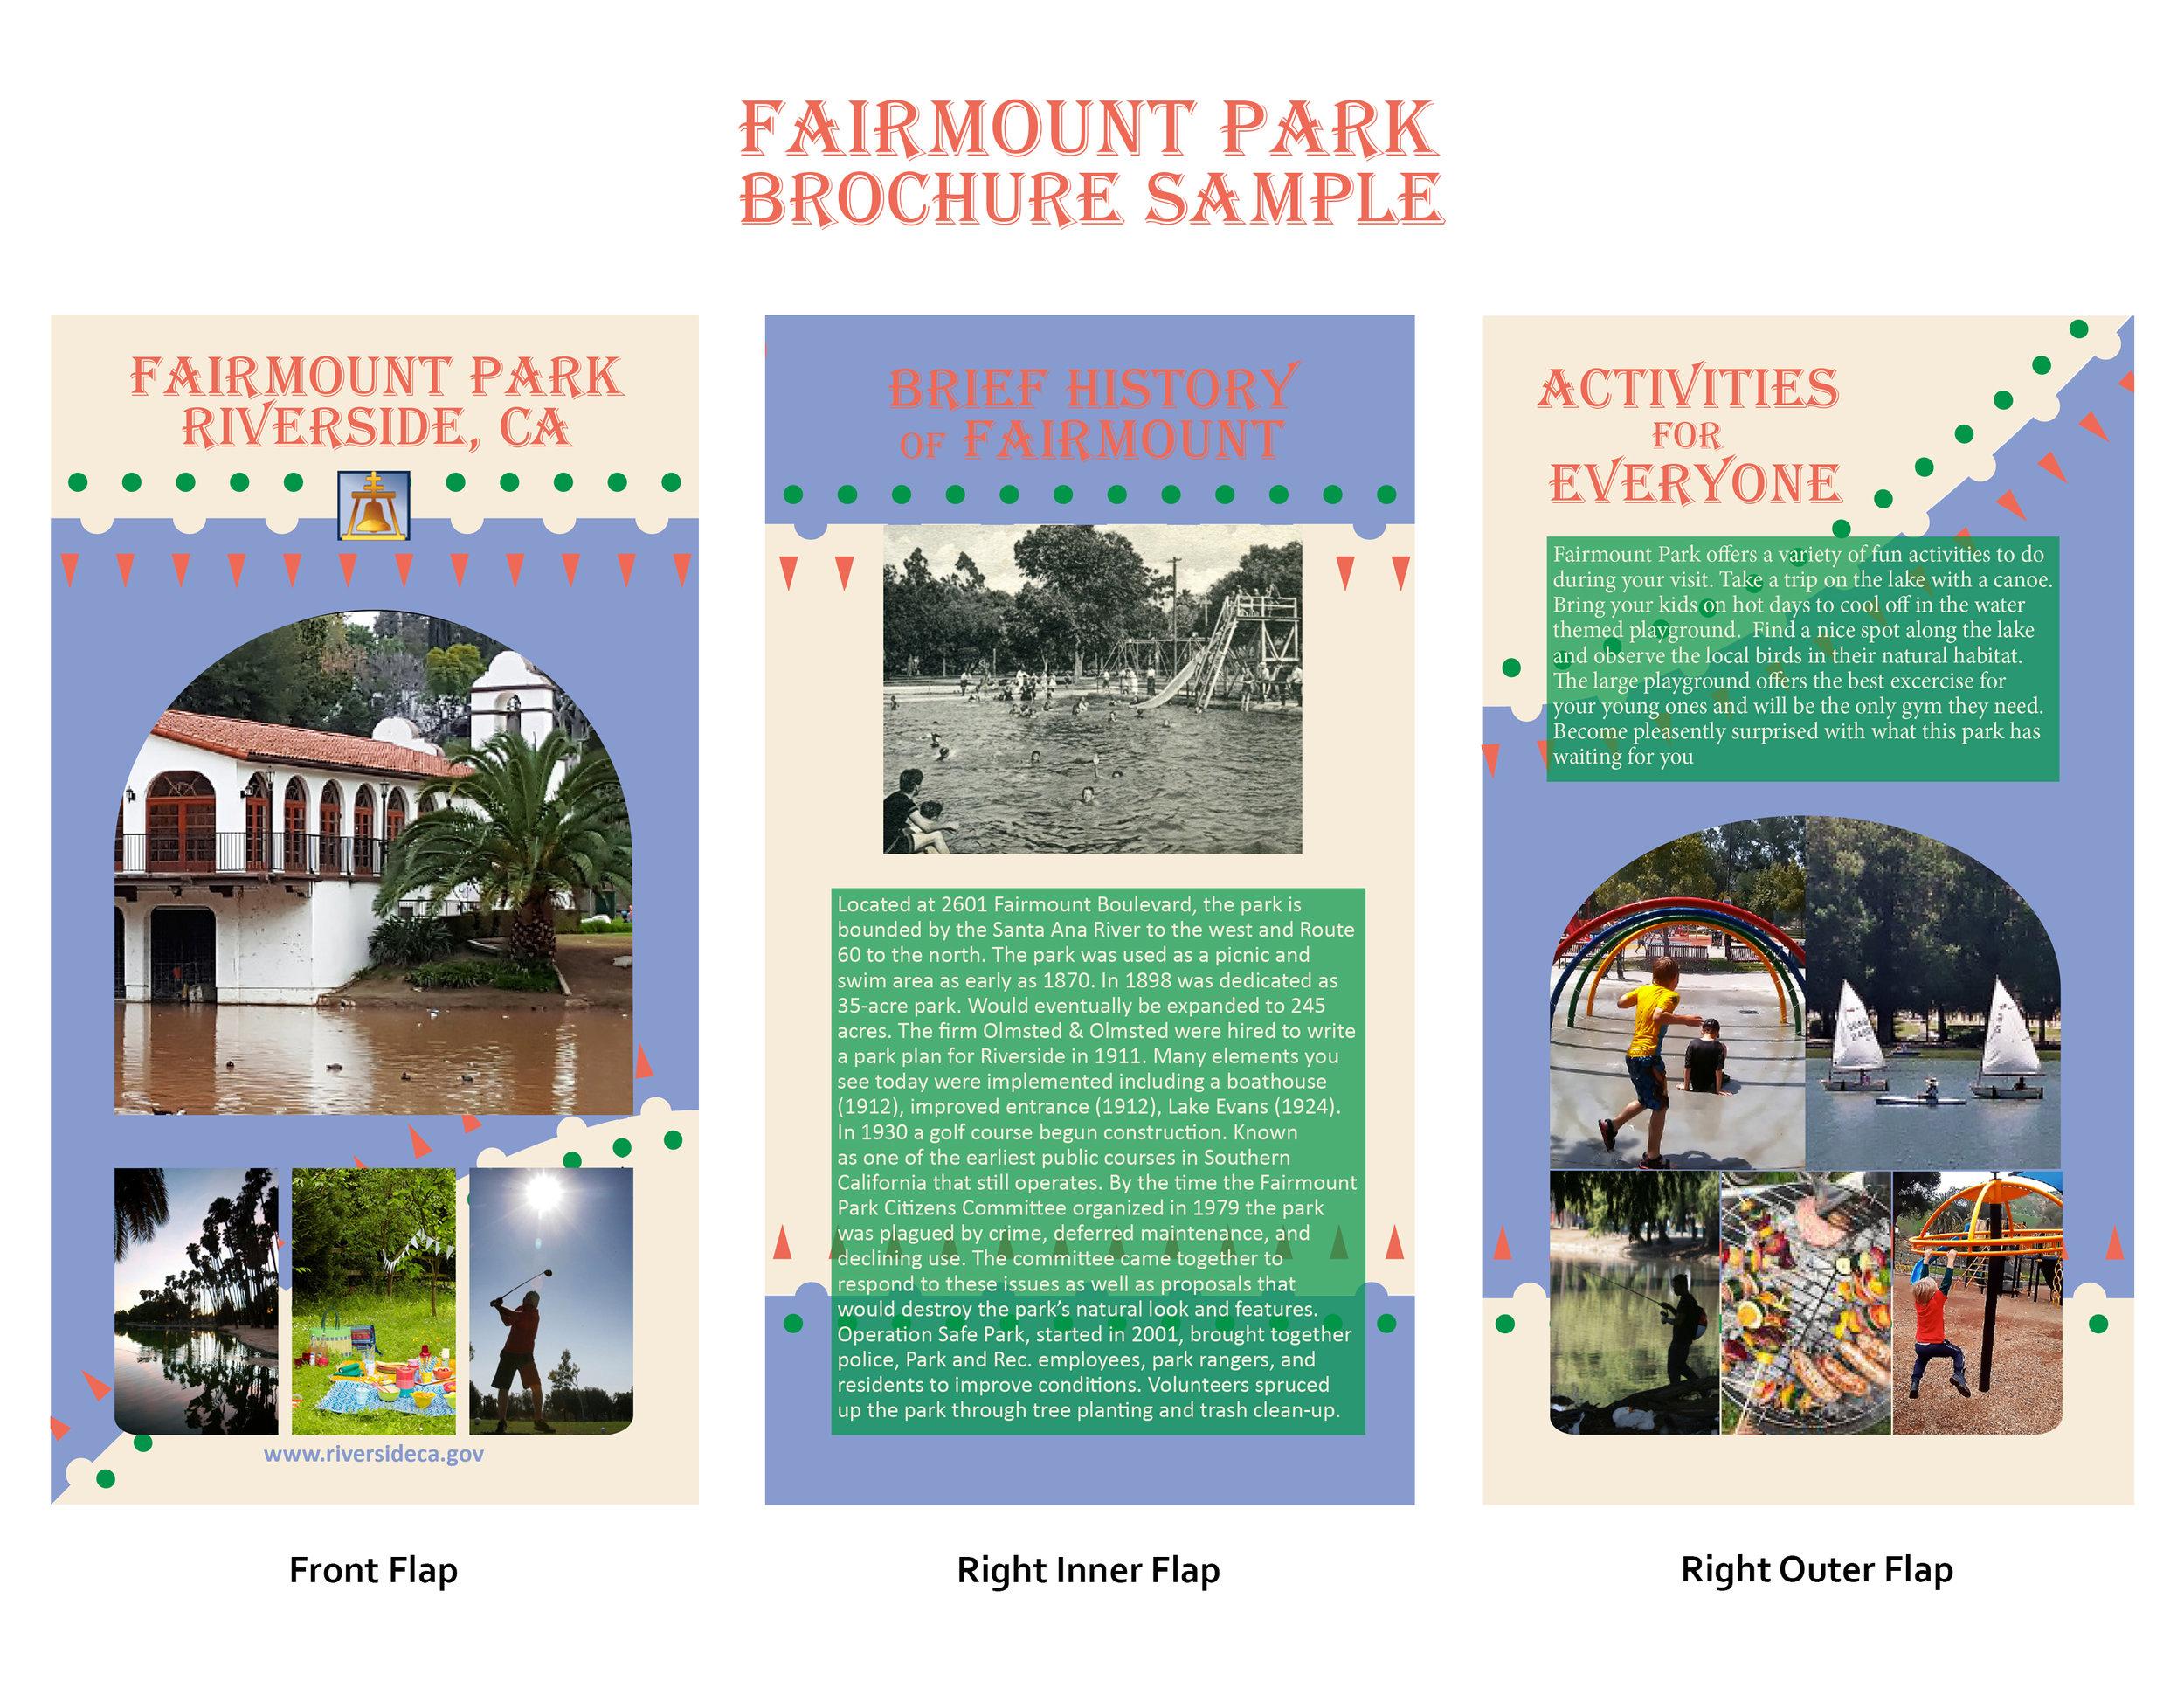 Park Brochure Sample, Rendered in Illustrator & InDesign